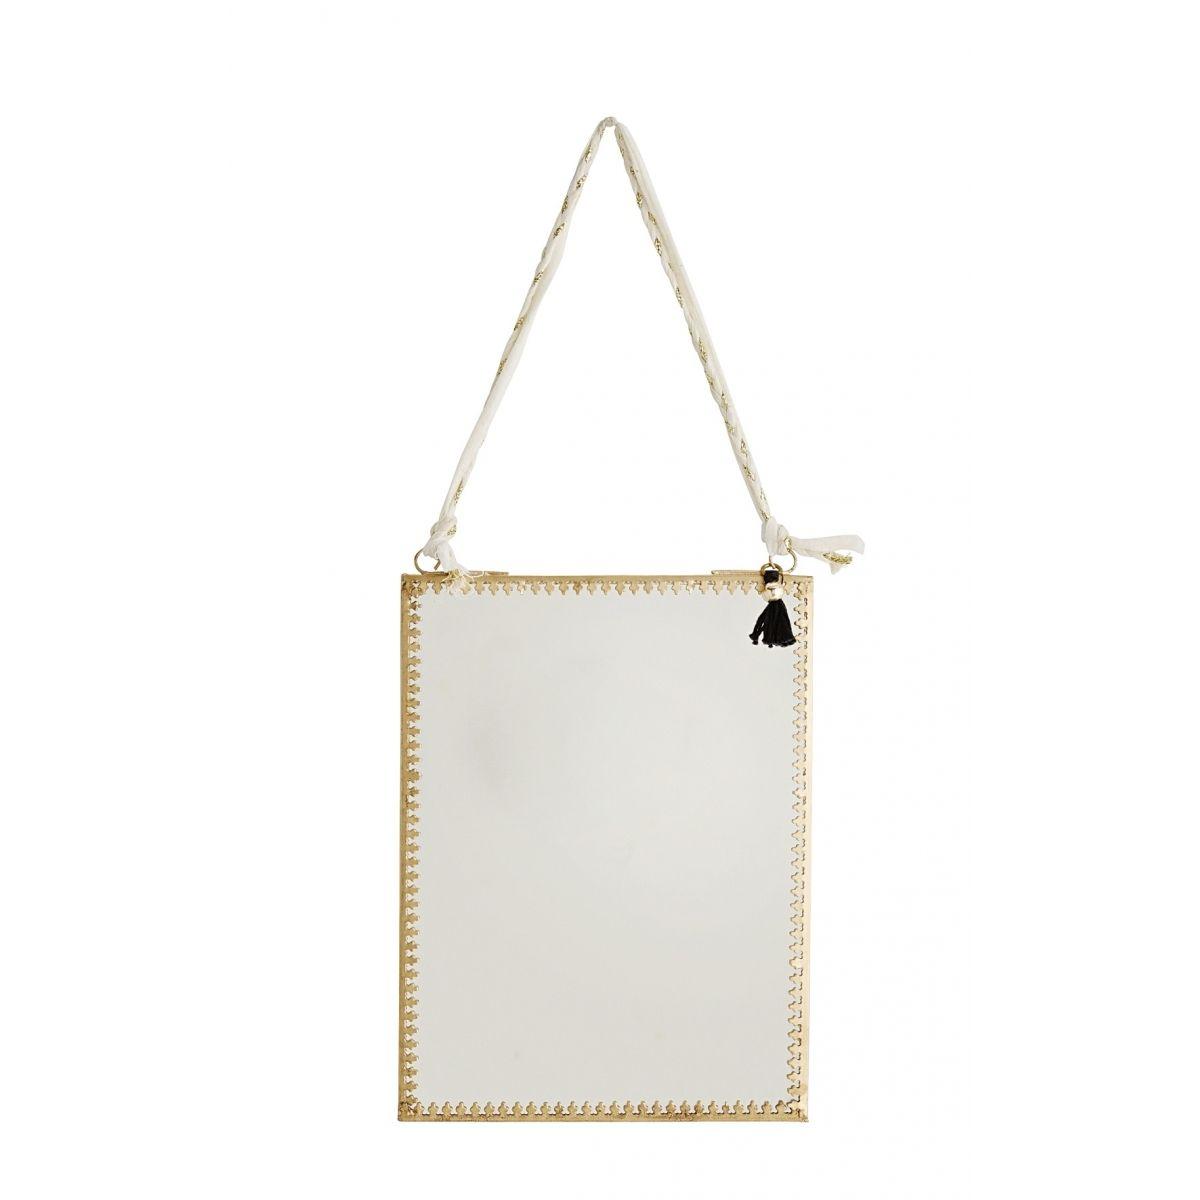 Lustro wiszące złote 15x20 cm - Madam Stoltz